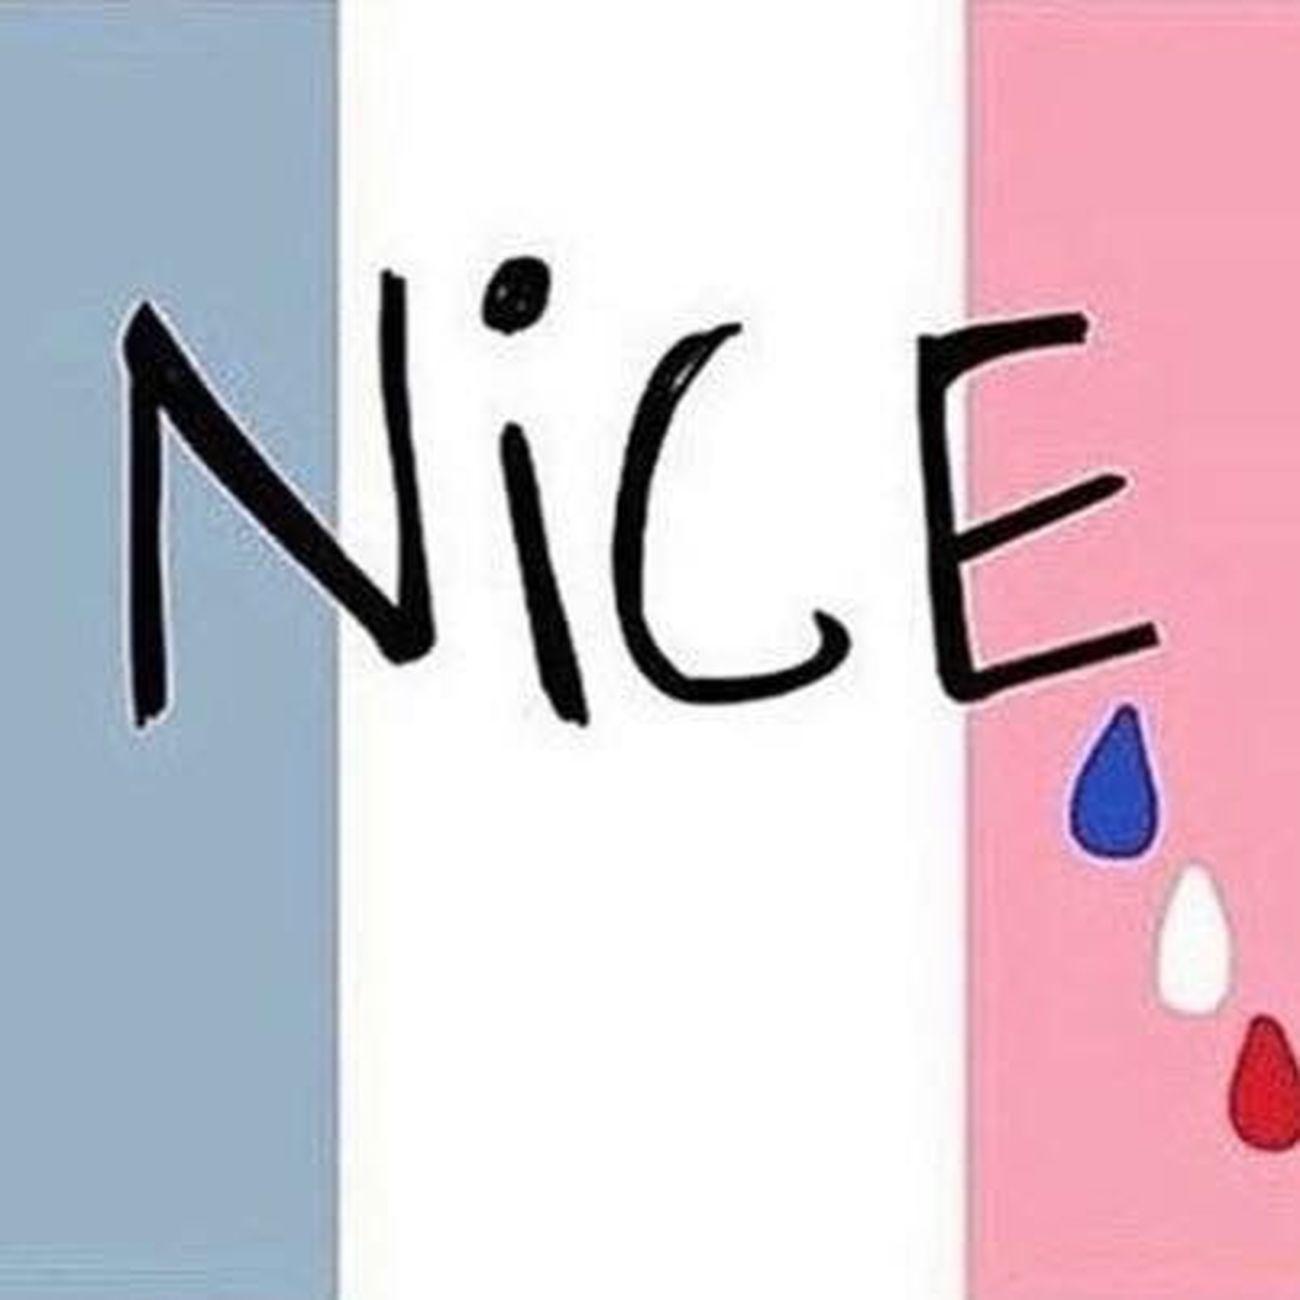 Prayfornice Nice Attentat France Sad Day 14juillet 14juillet2016 Victim Cry Angry Sad Nice / Nizza